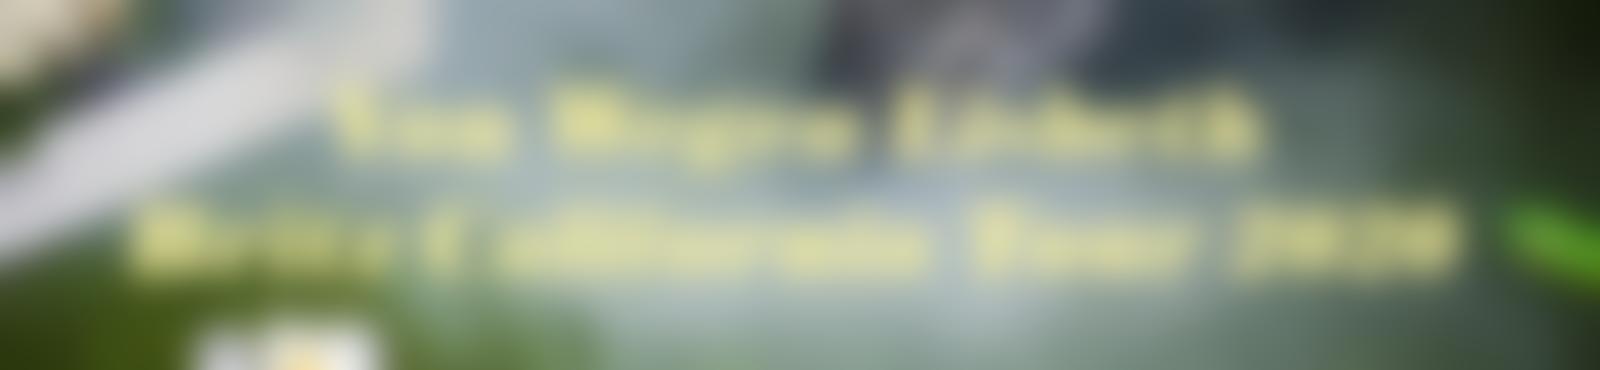 Blurred 06f26208 7cf4 4e3f 8da7 c7b2197400d4